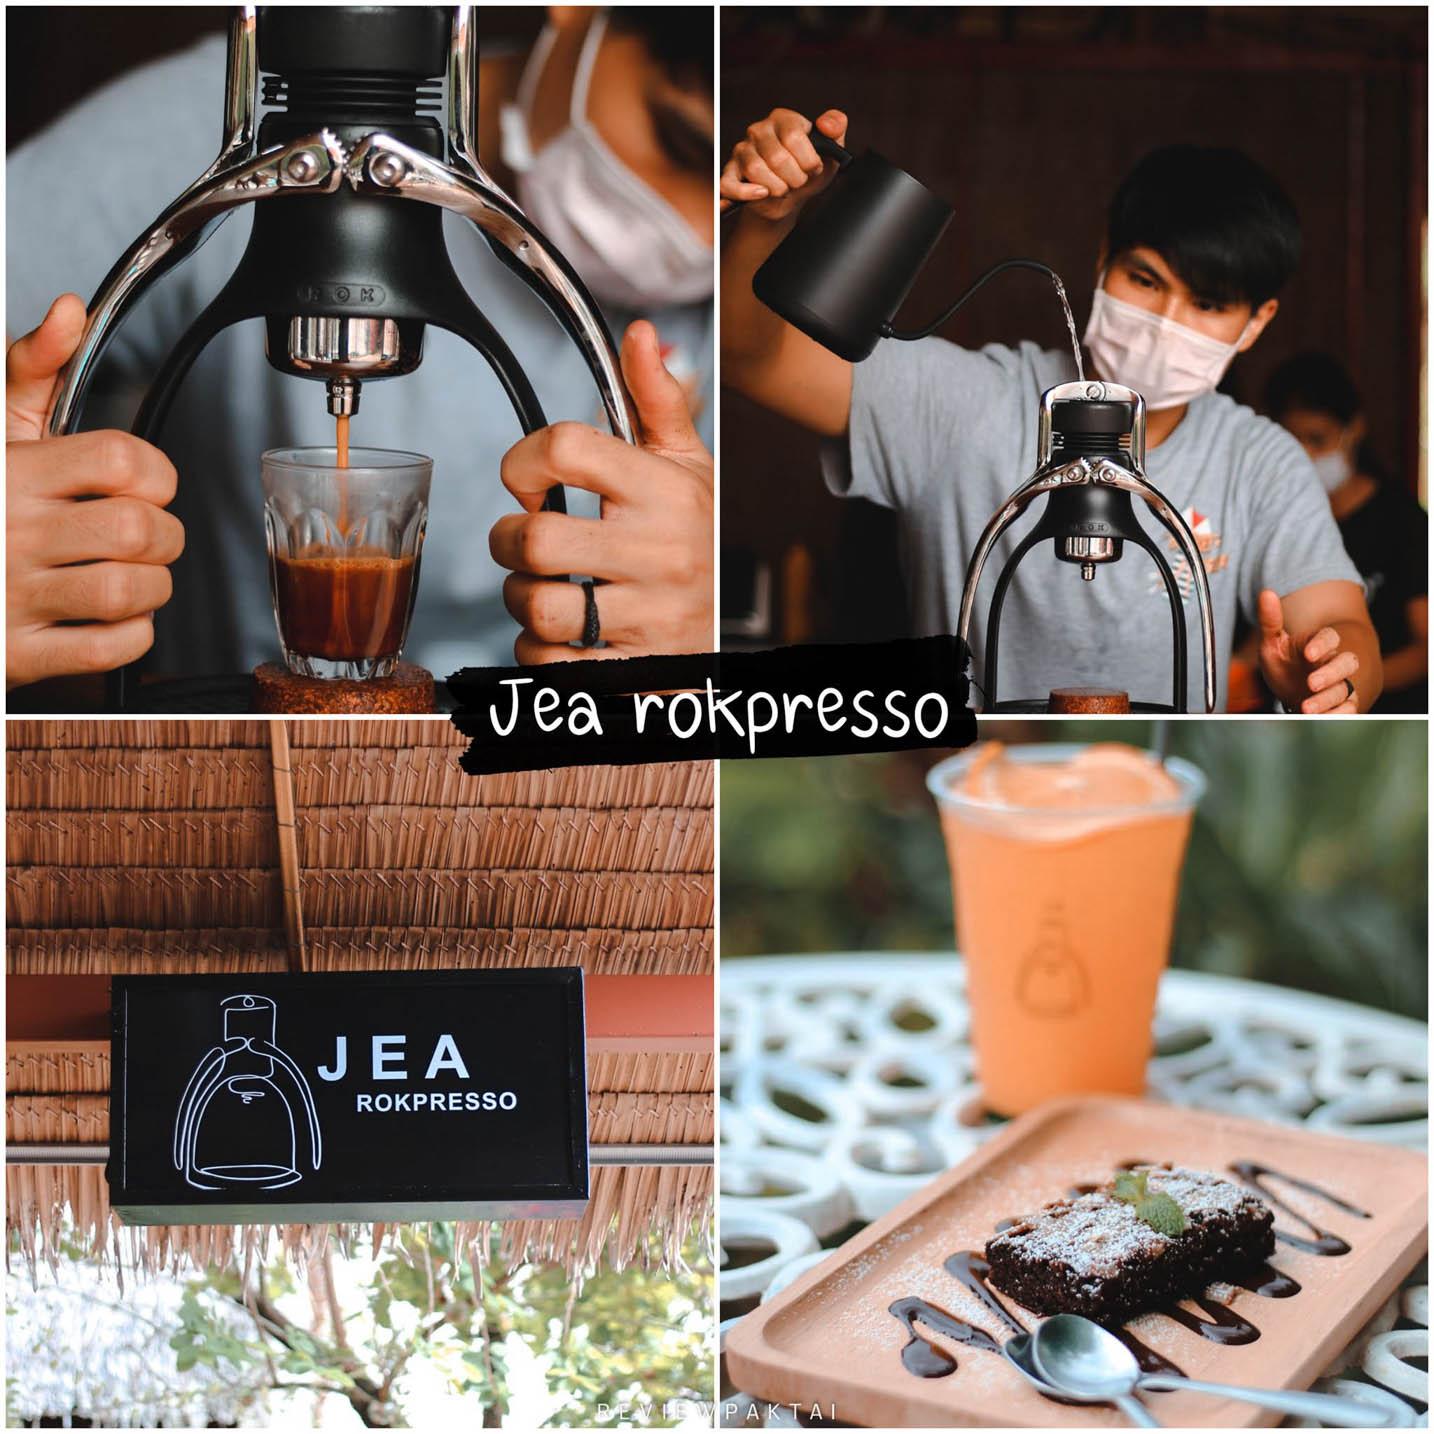 ร้านกาแฟริมน้ำ Jea Rokpresso Bar ใจกลางเมืองภูเก็ตไปเช็คอินเลยเพื่อเติมความสุขให้ตัวเองกัน